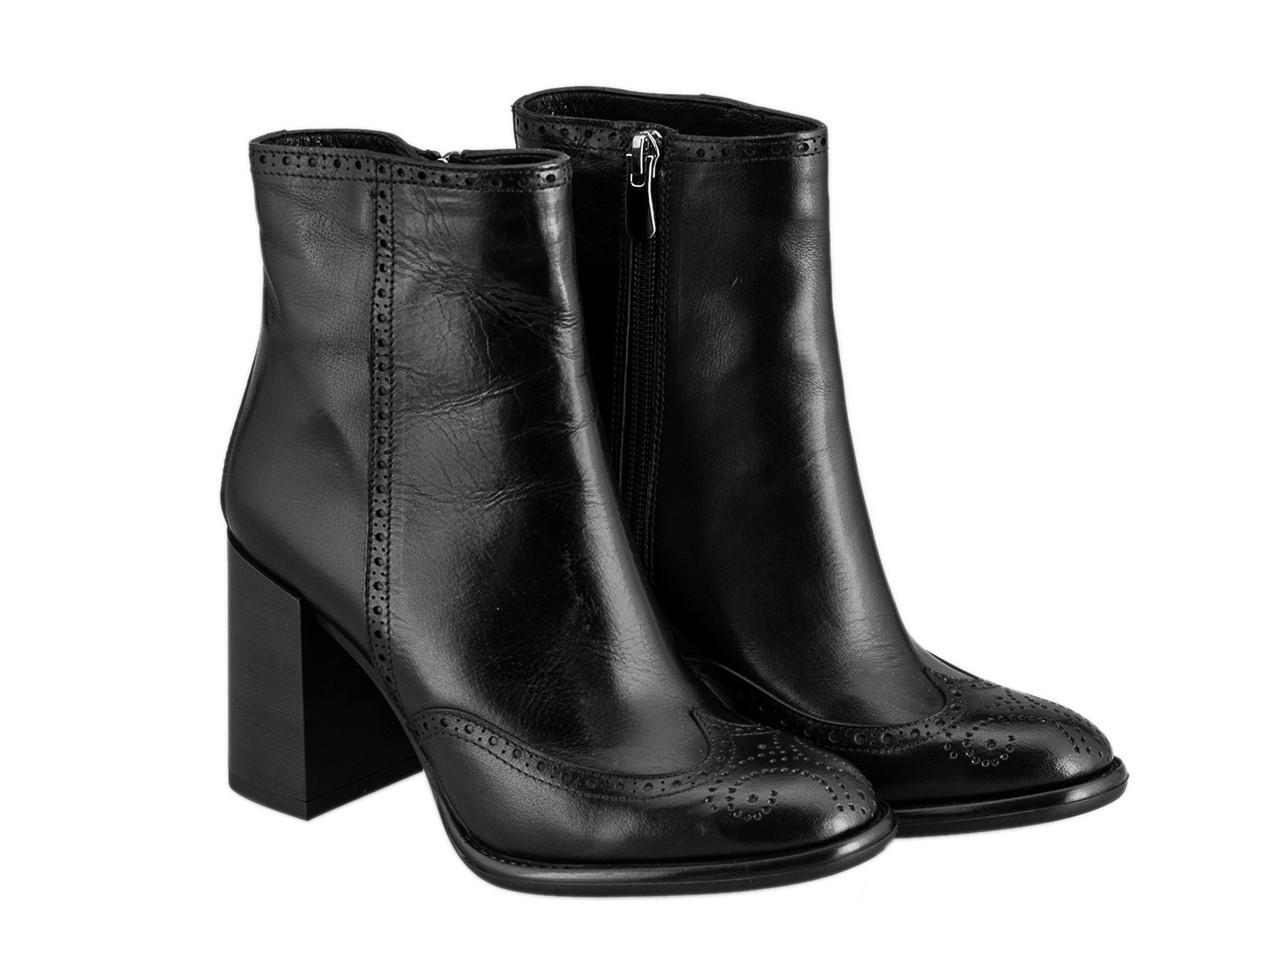 Ботинки Etor 5670-012-1440 39 черные